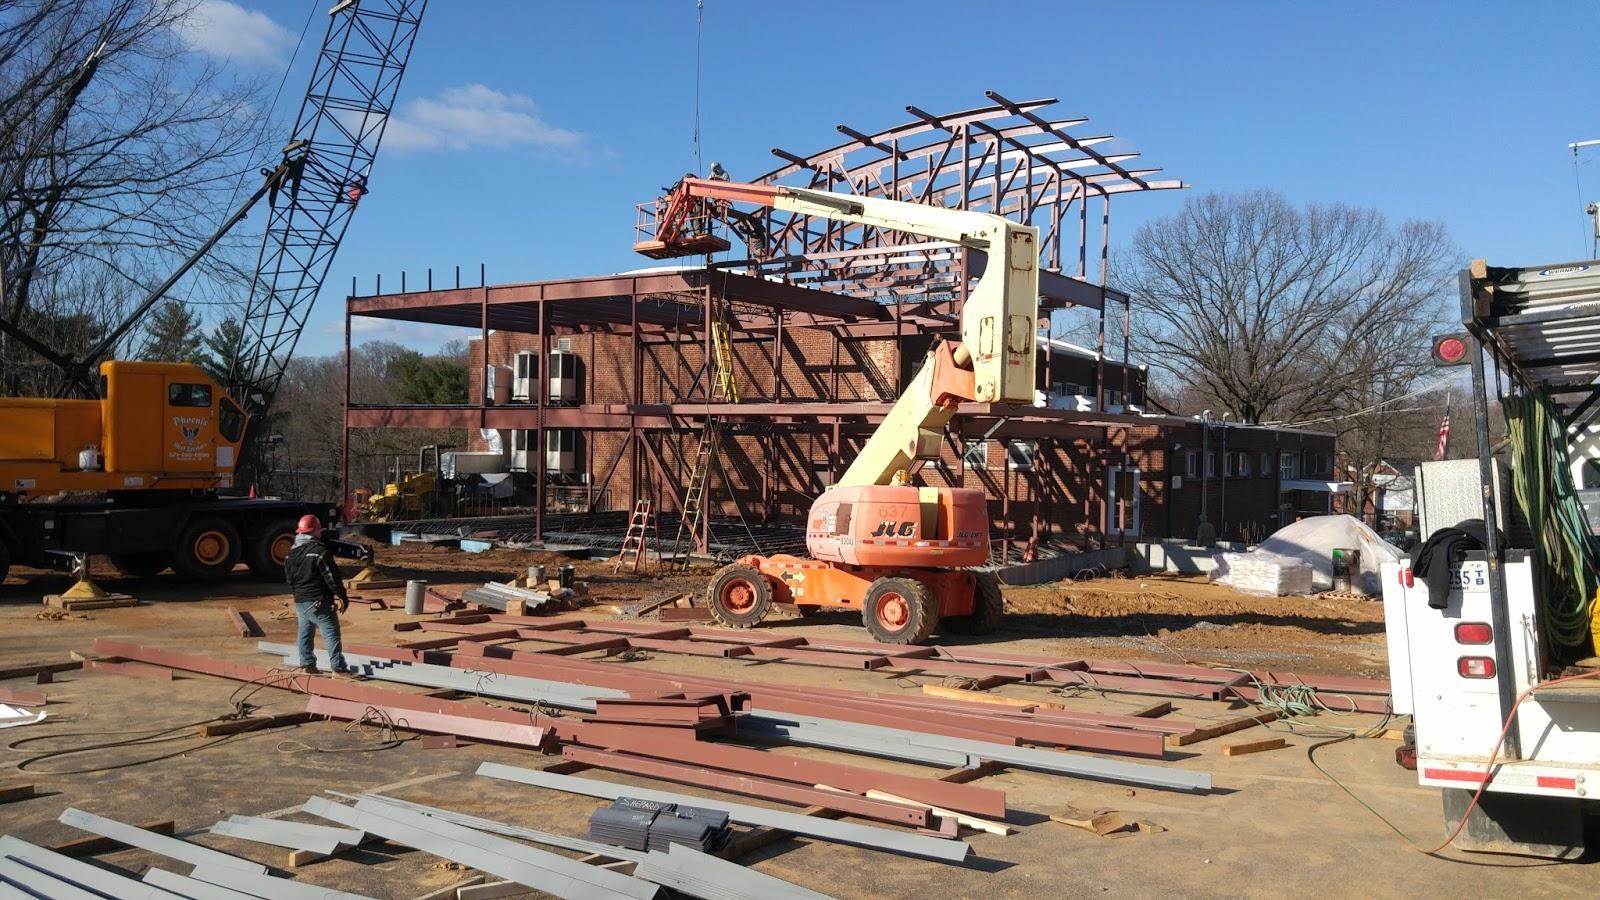 The Siena School 39 S New Building Update We 39 Re Beaming